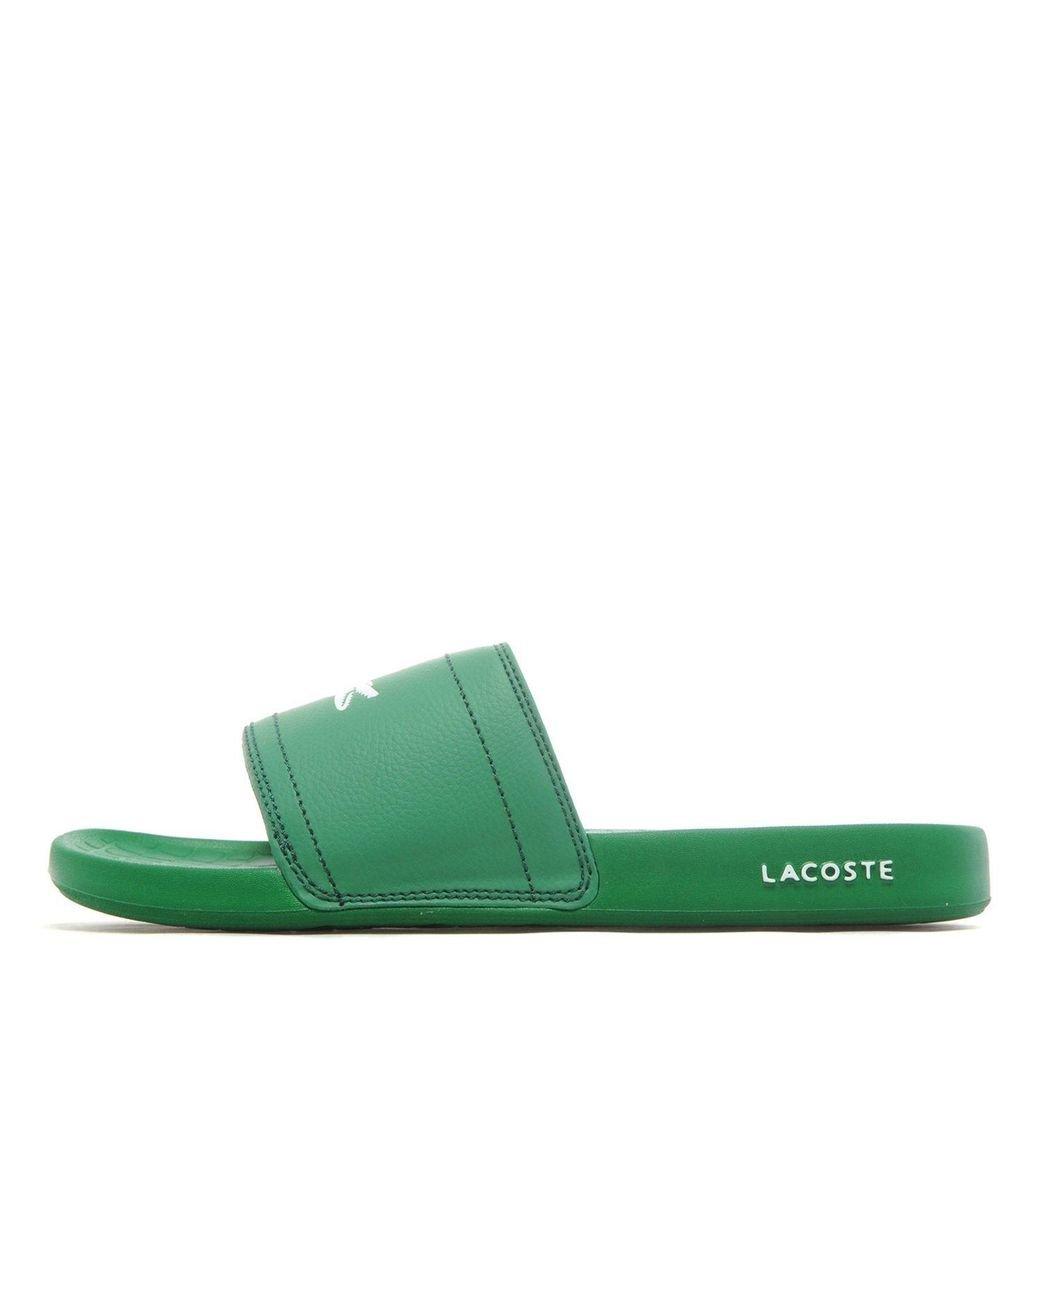 fe368de0e Lyst - Lacoste Frasier Slides in Green for Men - Save 39%